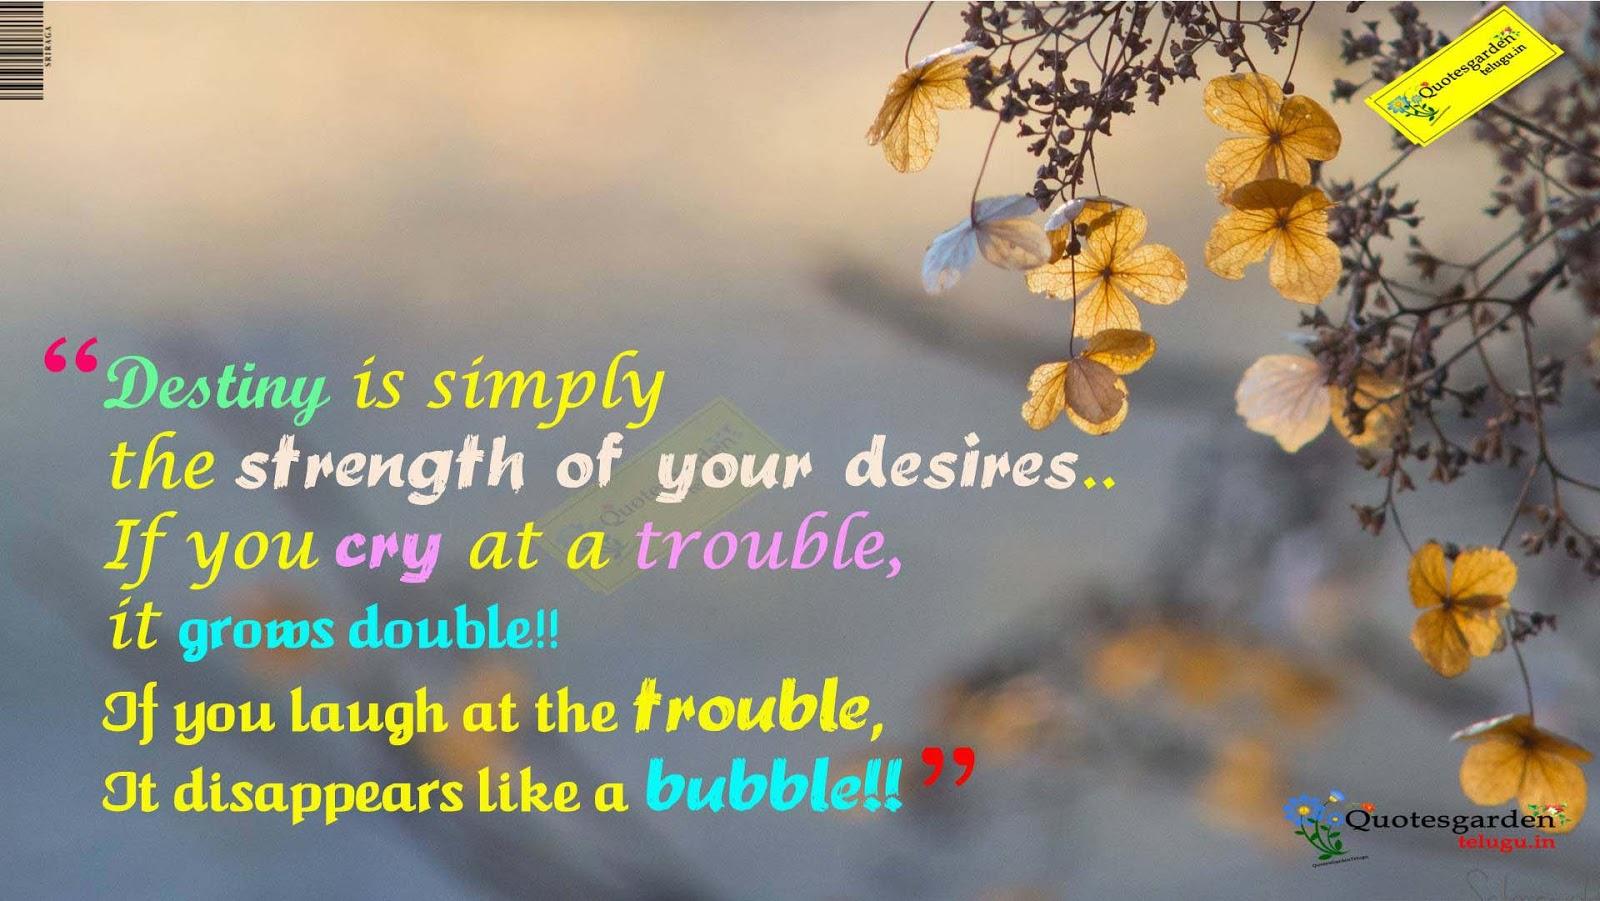 Best Quotes In Life In Telugu